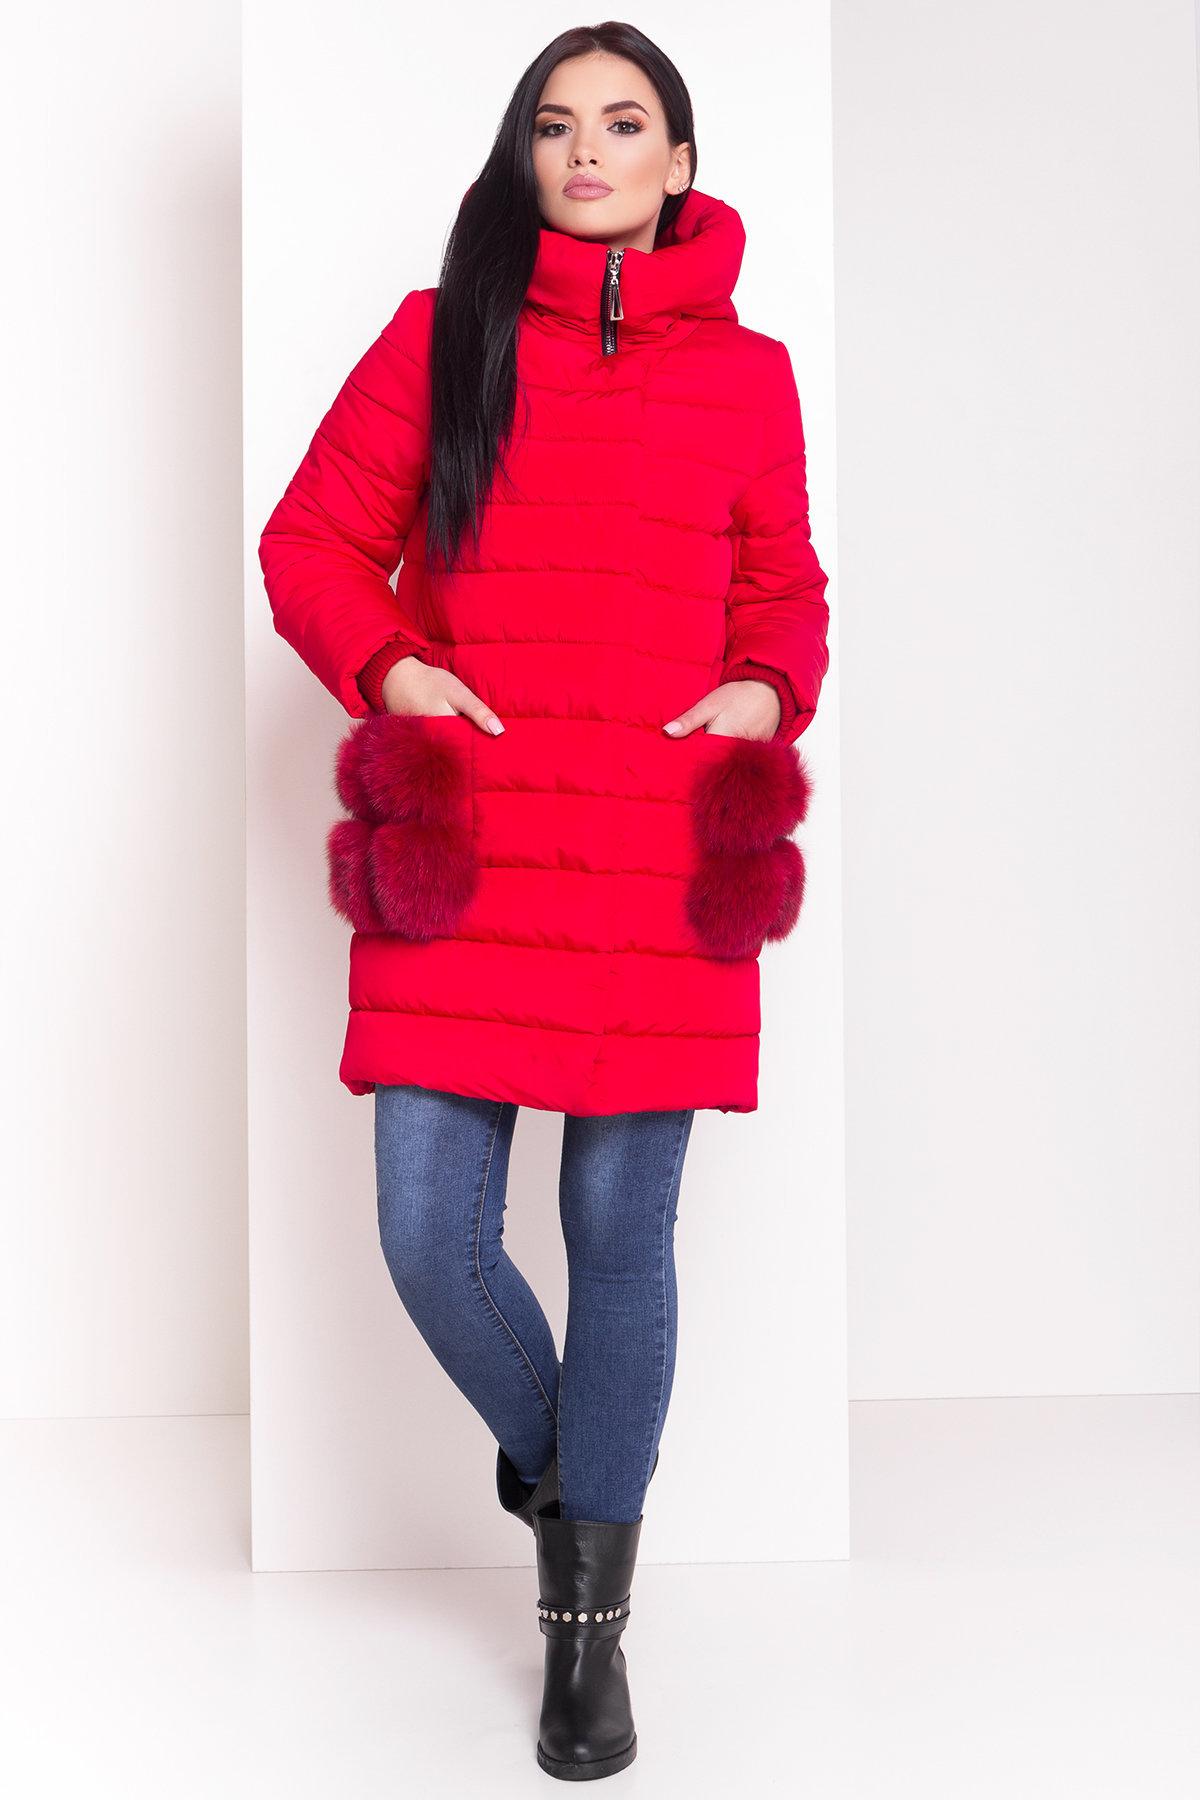 Зимний пуховик прямого кроя Лили Канада 8363 АРТ. 44554 Цвет: Красный - фото 9, интернет магазин tm-modus.ru